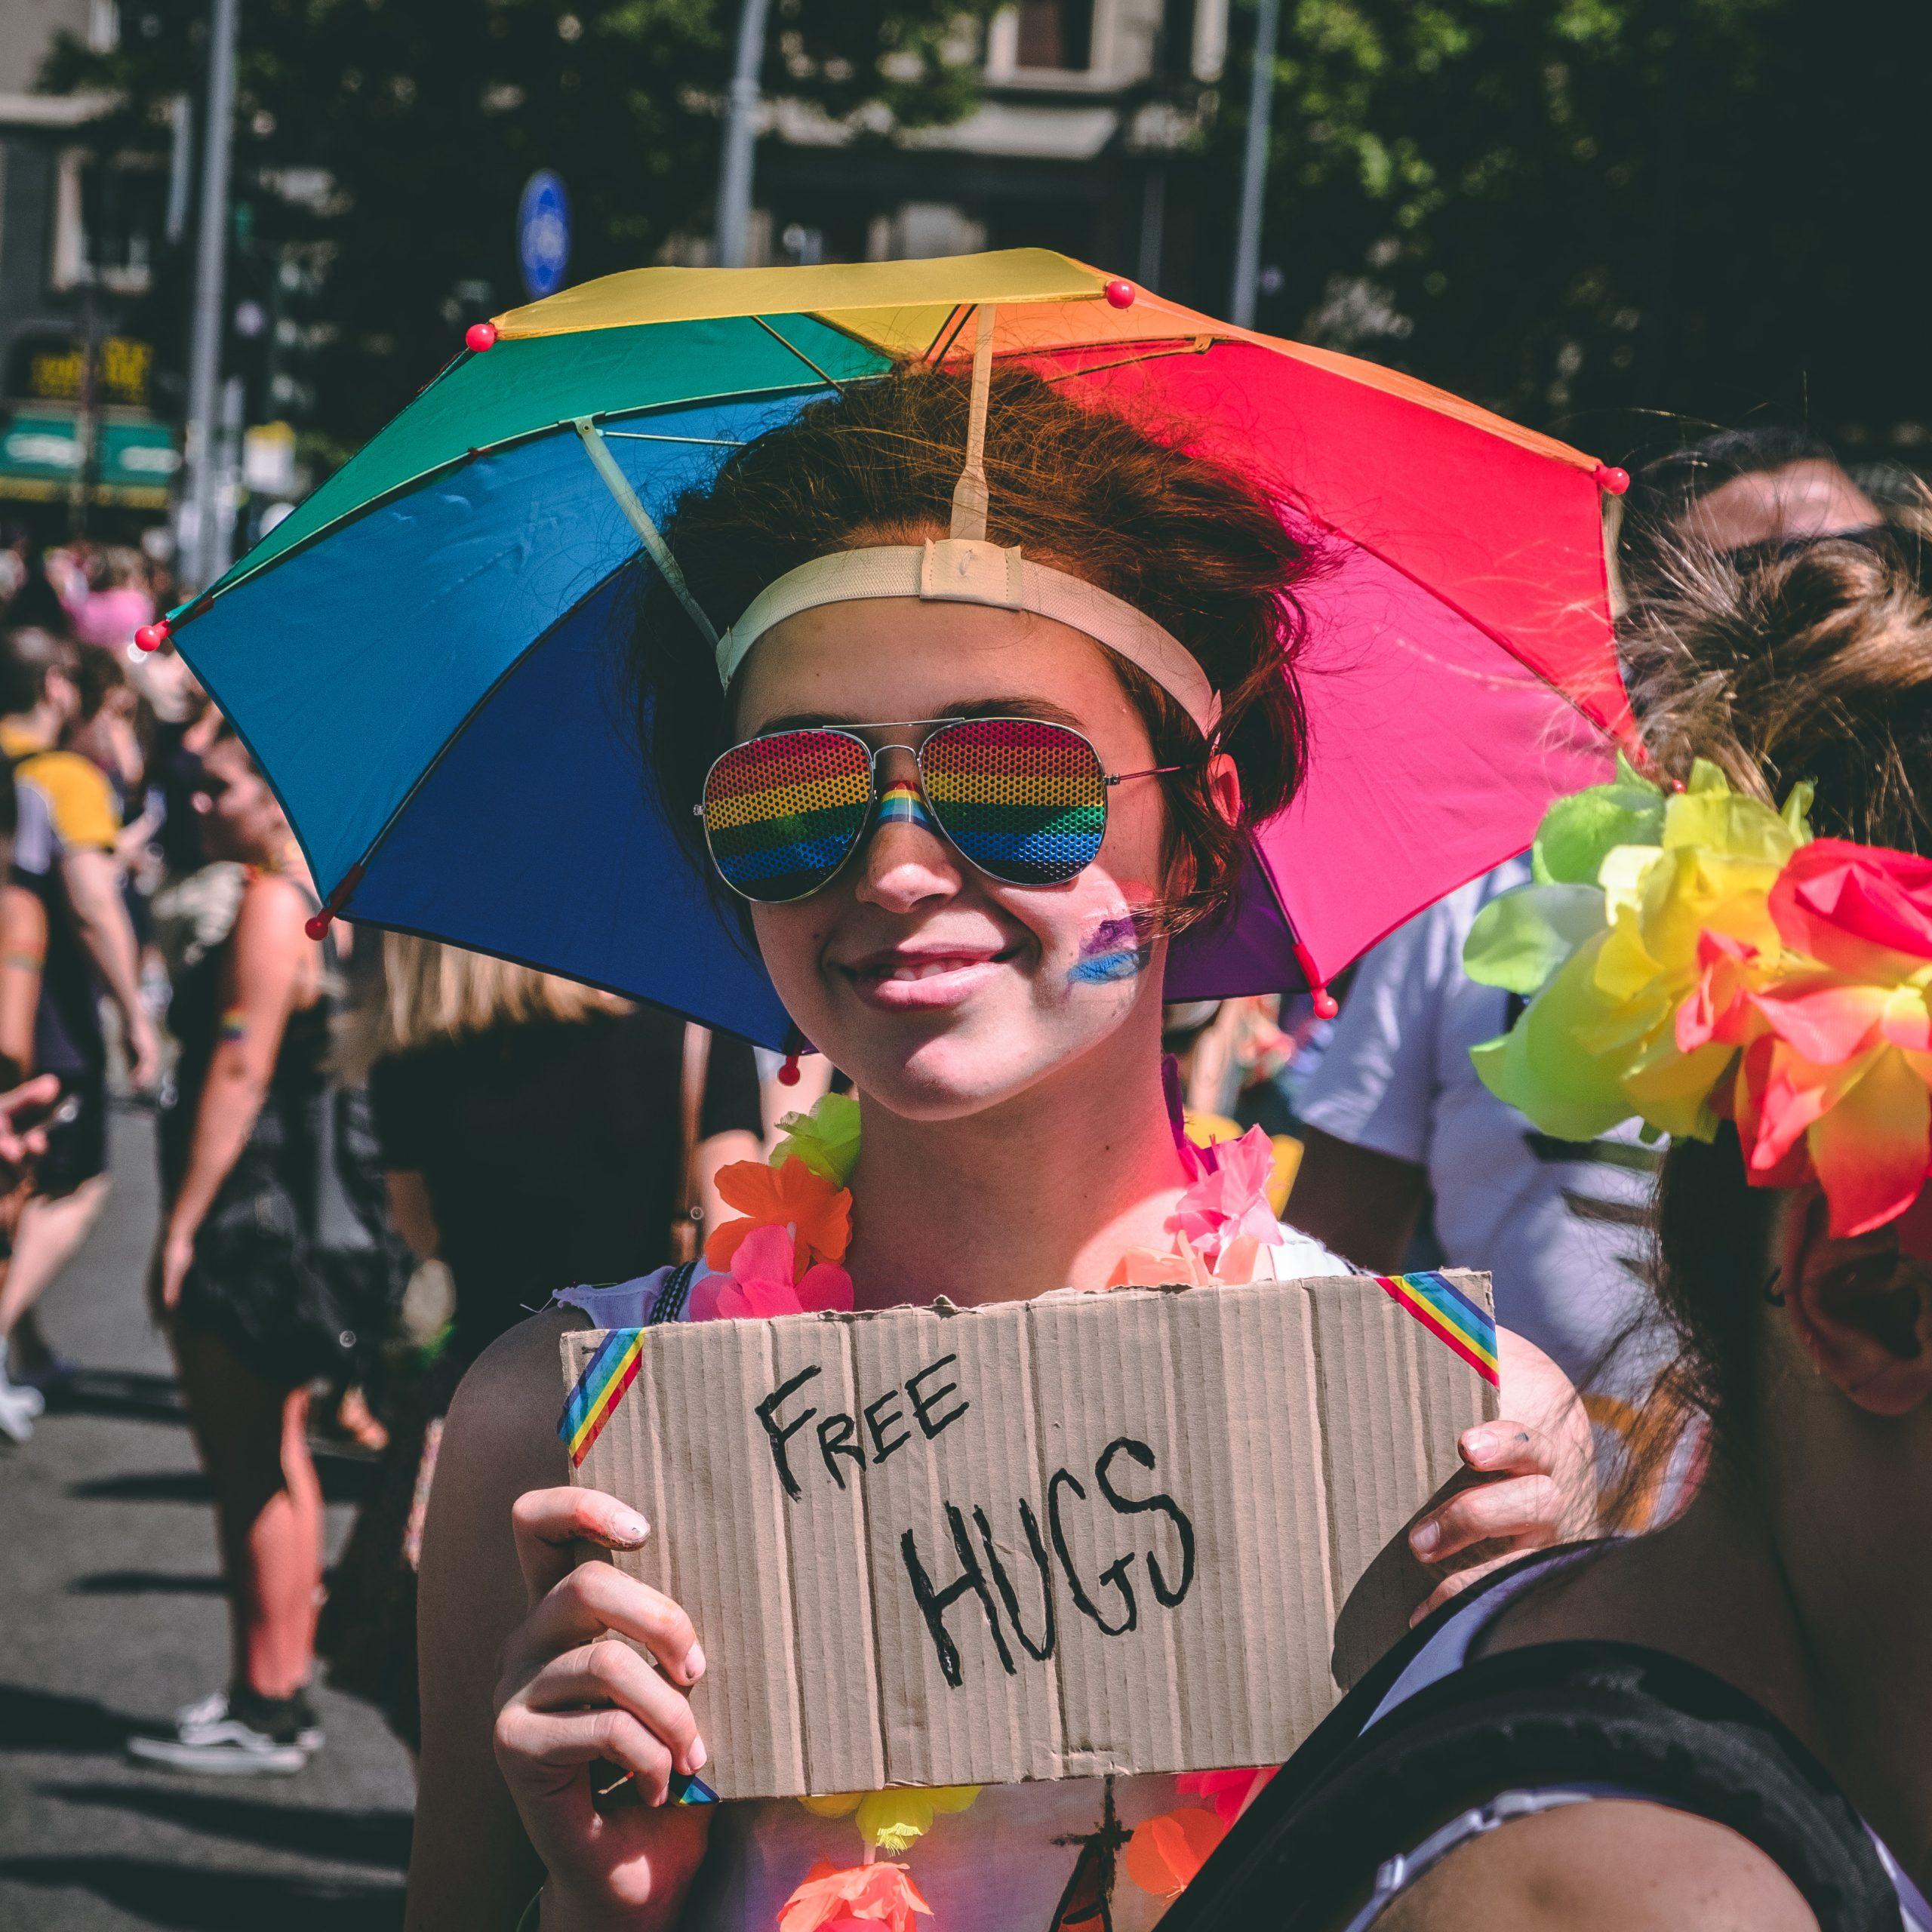 Το φετινό Pride Festival θα είναι παγκόσμιο και θα γίνει ψηφιακά. Ποια ημερομηνία ανακοινώθηκε;